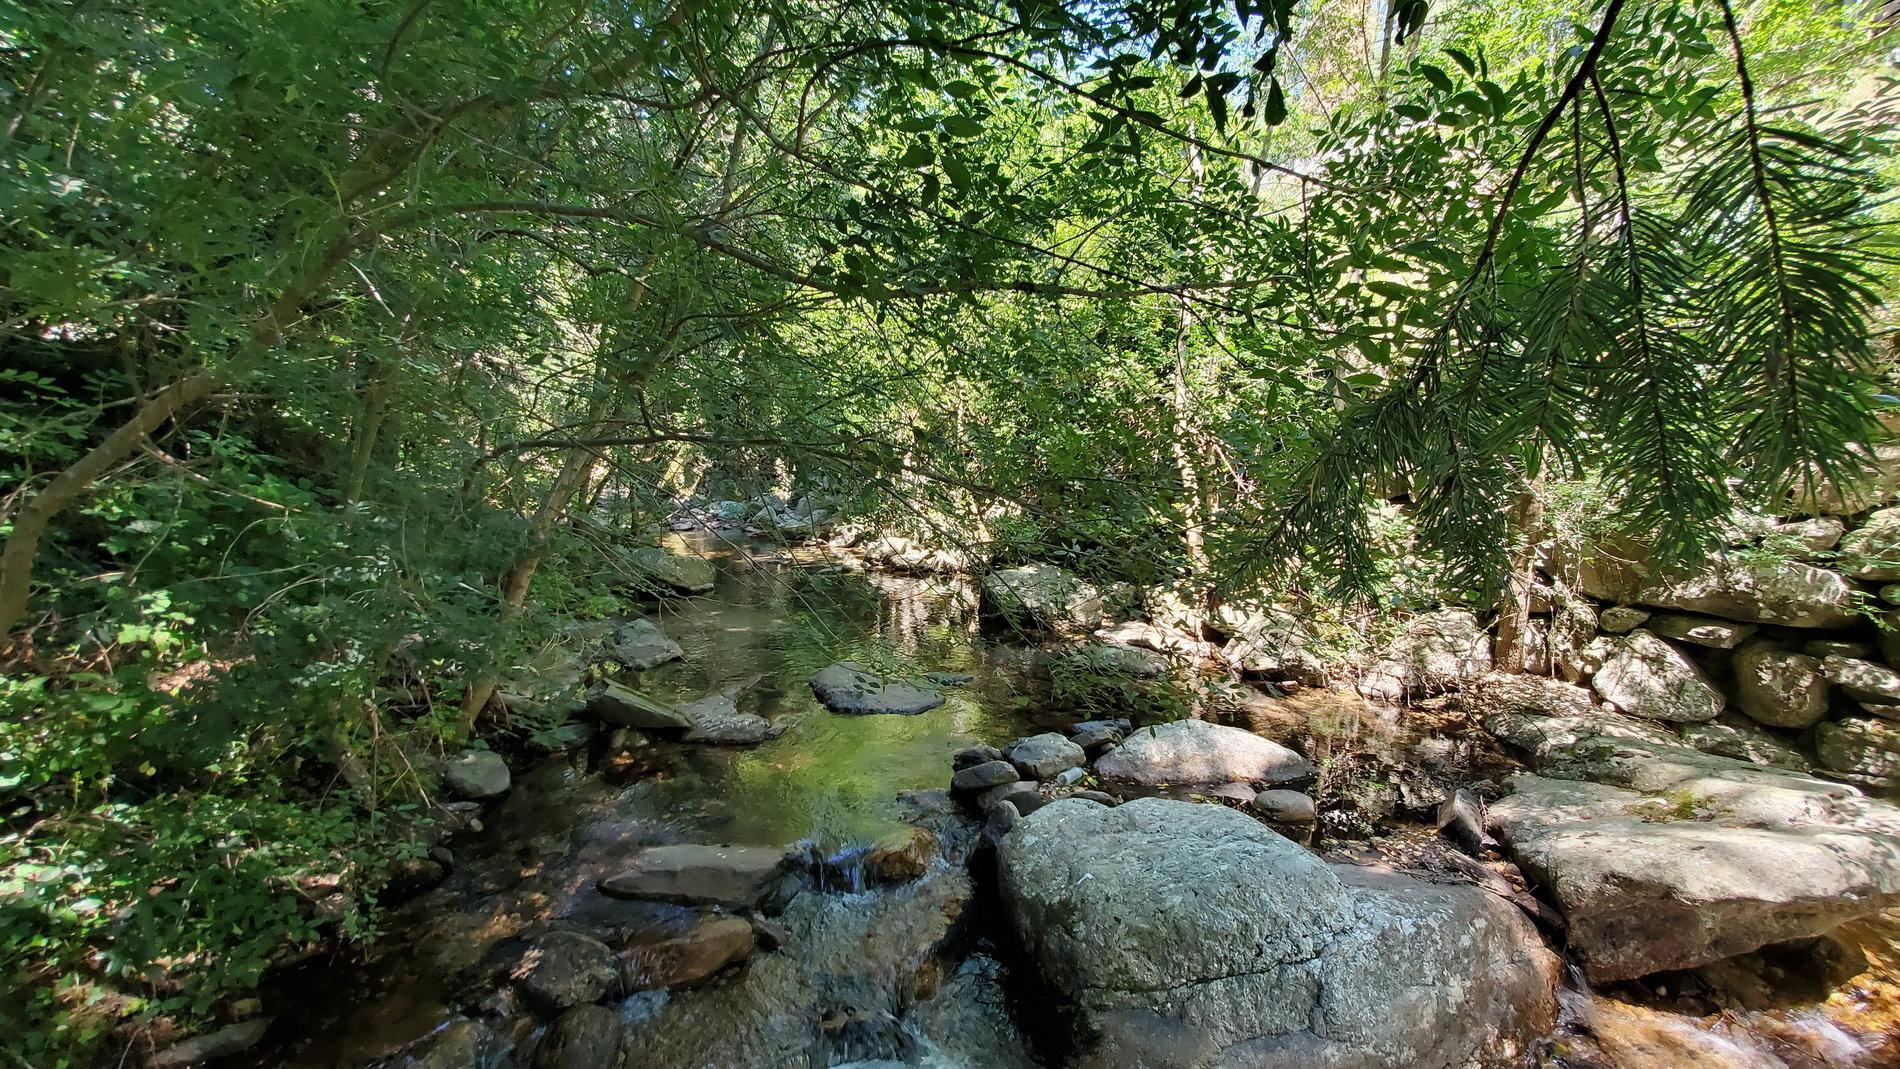 Två fastigheter belägna i en fridfull oas av grönska